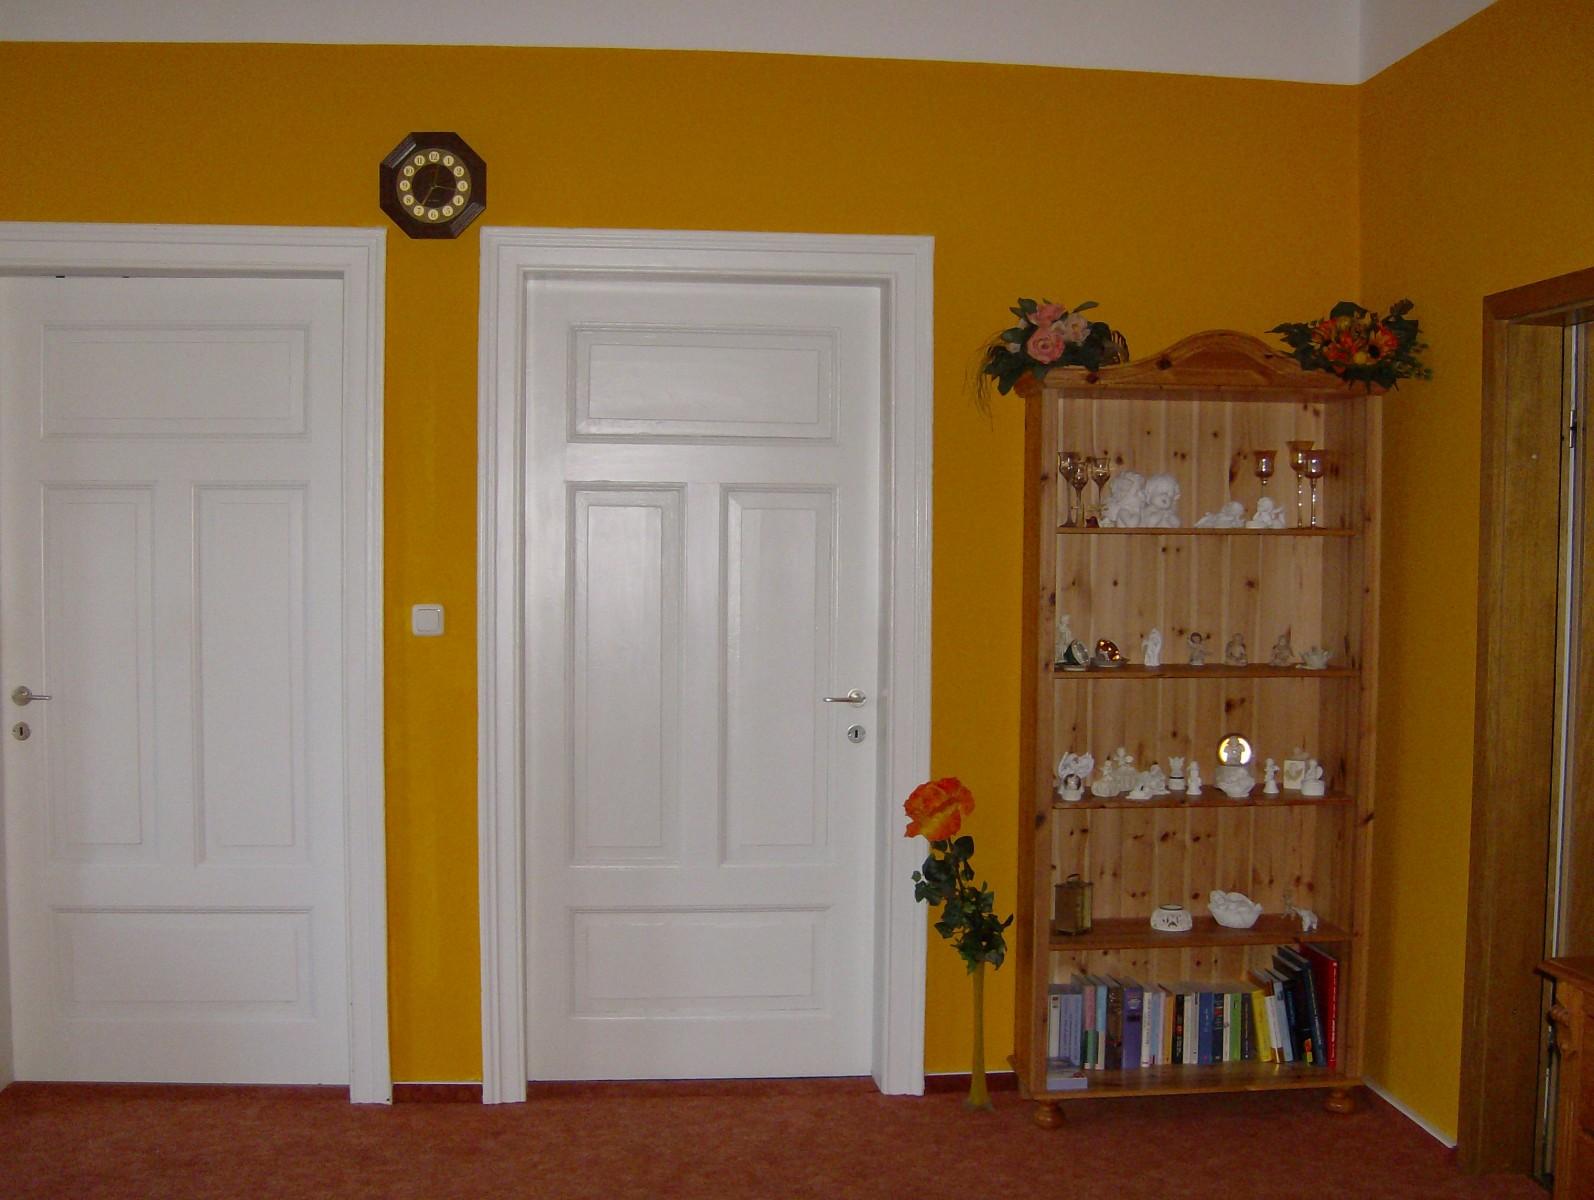 Wohnzimmer 39 Mein Wohnzimmer 39 Mein Domizil Zimmerschau